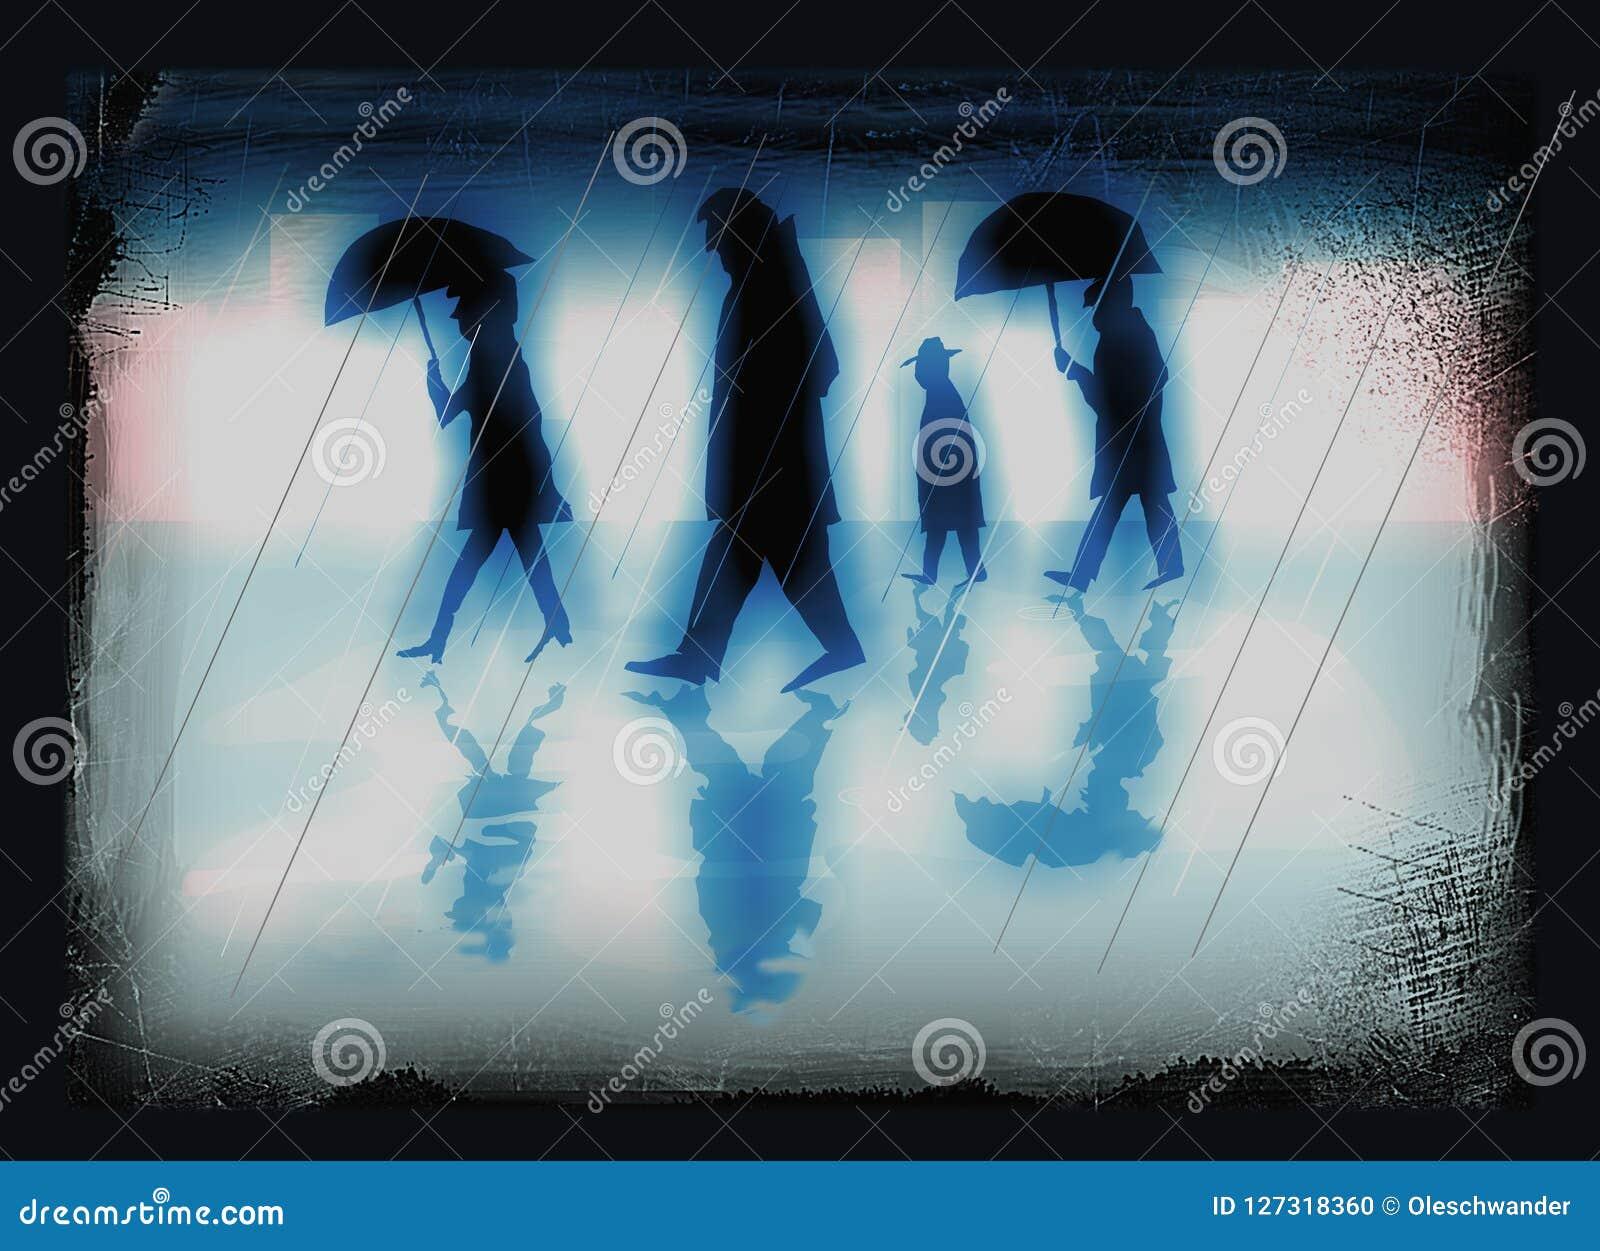 Leute in einer Stadt an einem regnerischen Tag - Illustration in überwundenen blauen Farben